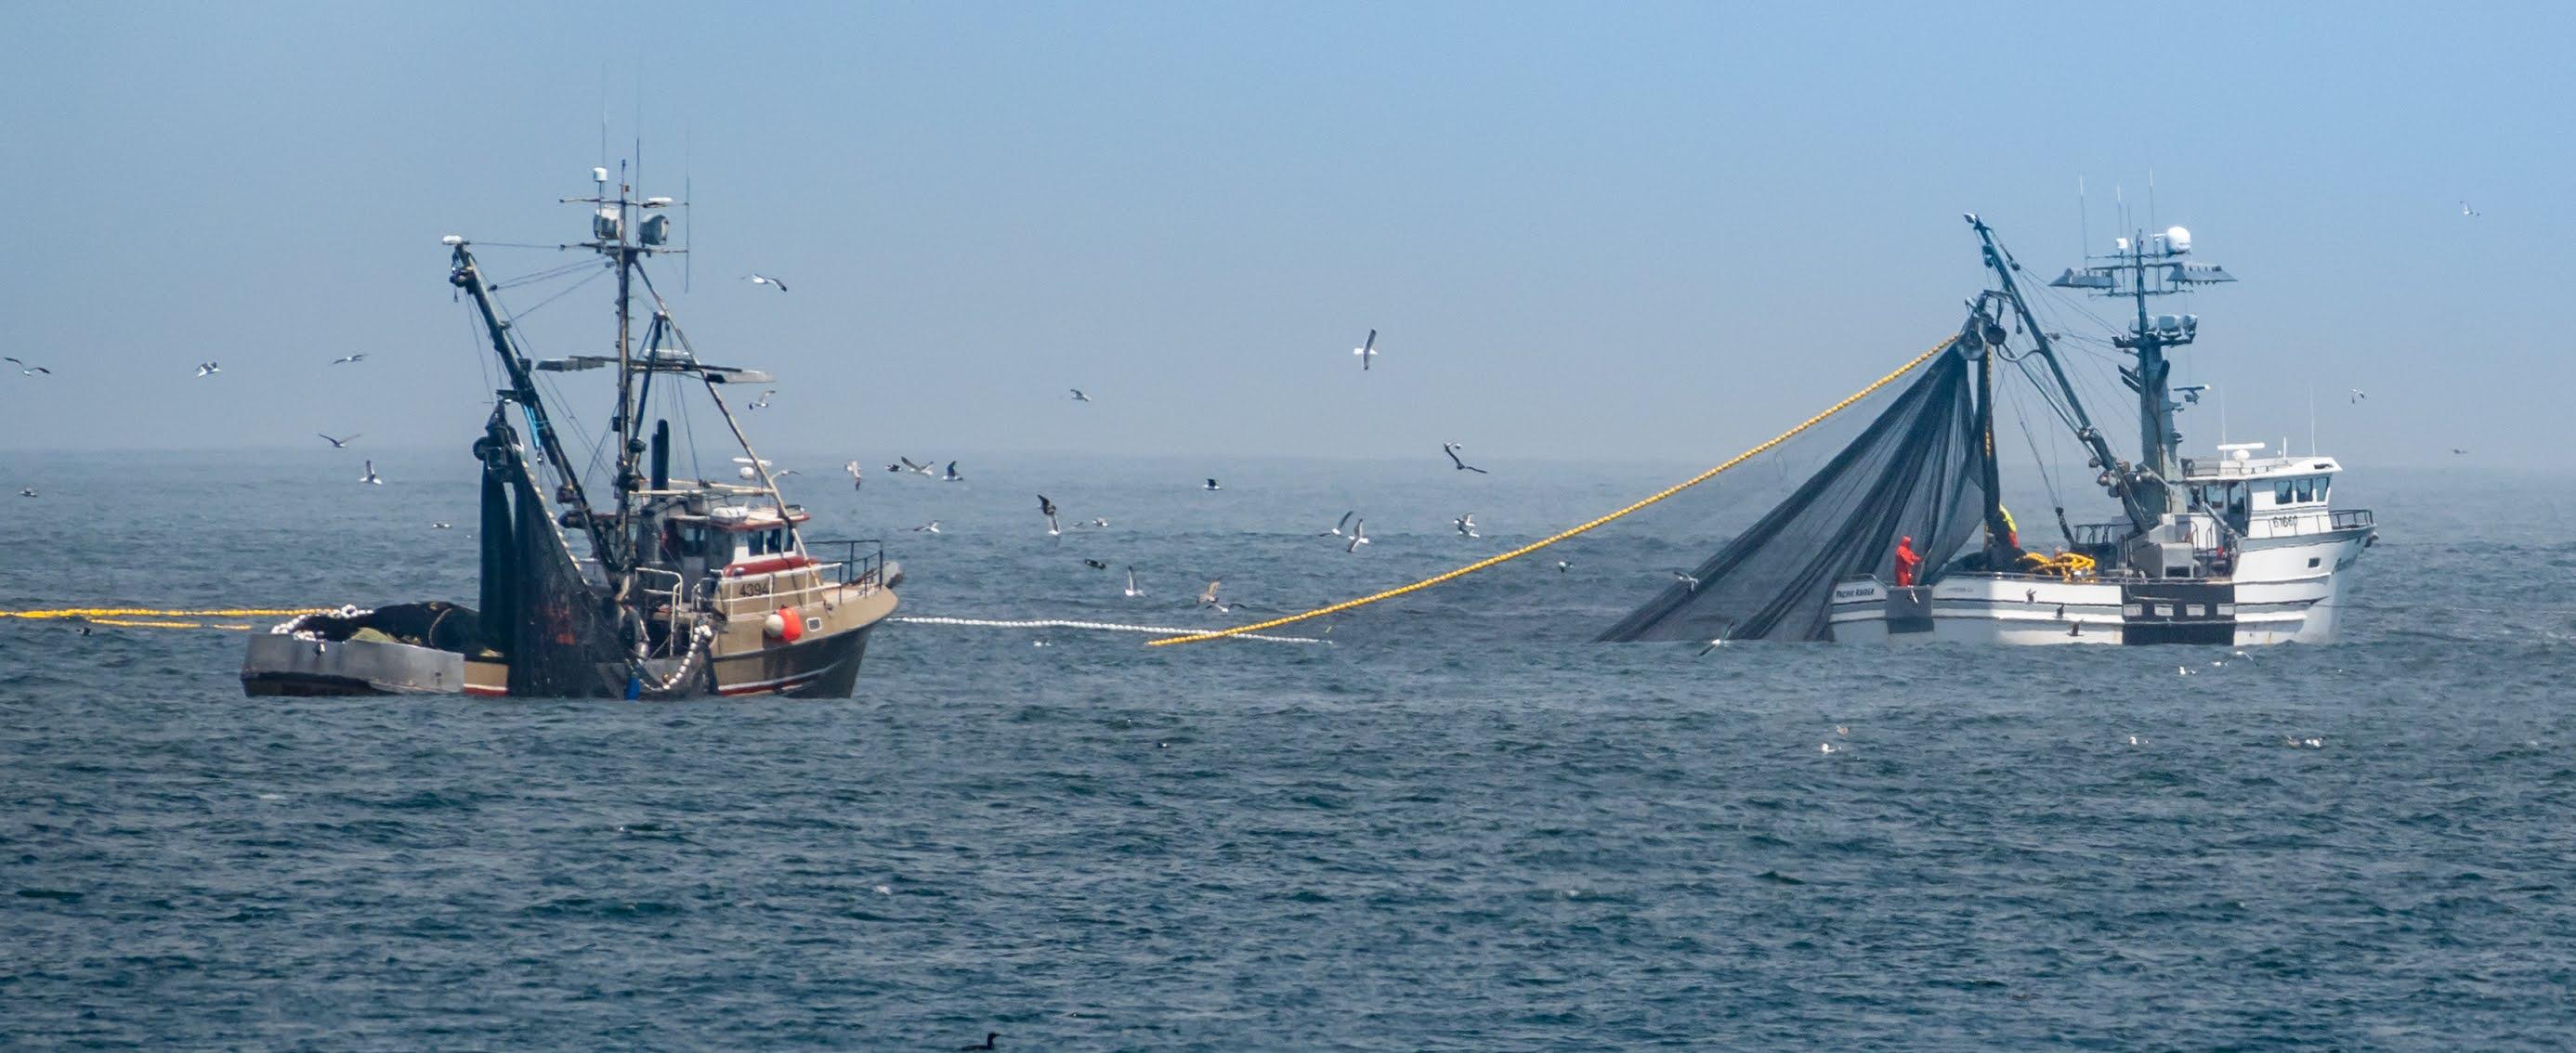 Investigadores publican un estudio sobre el impacto en la fauna marina en Galápagos tras el caso del barco Fu Yuan Yu Leng 999